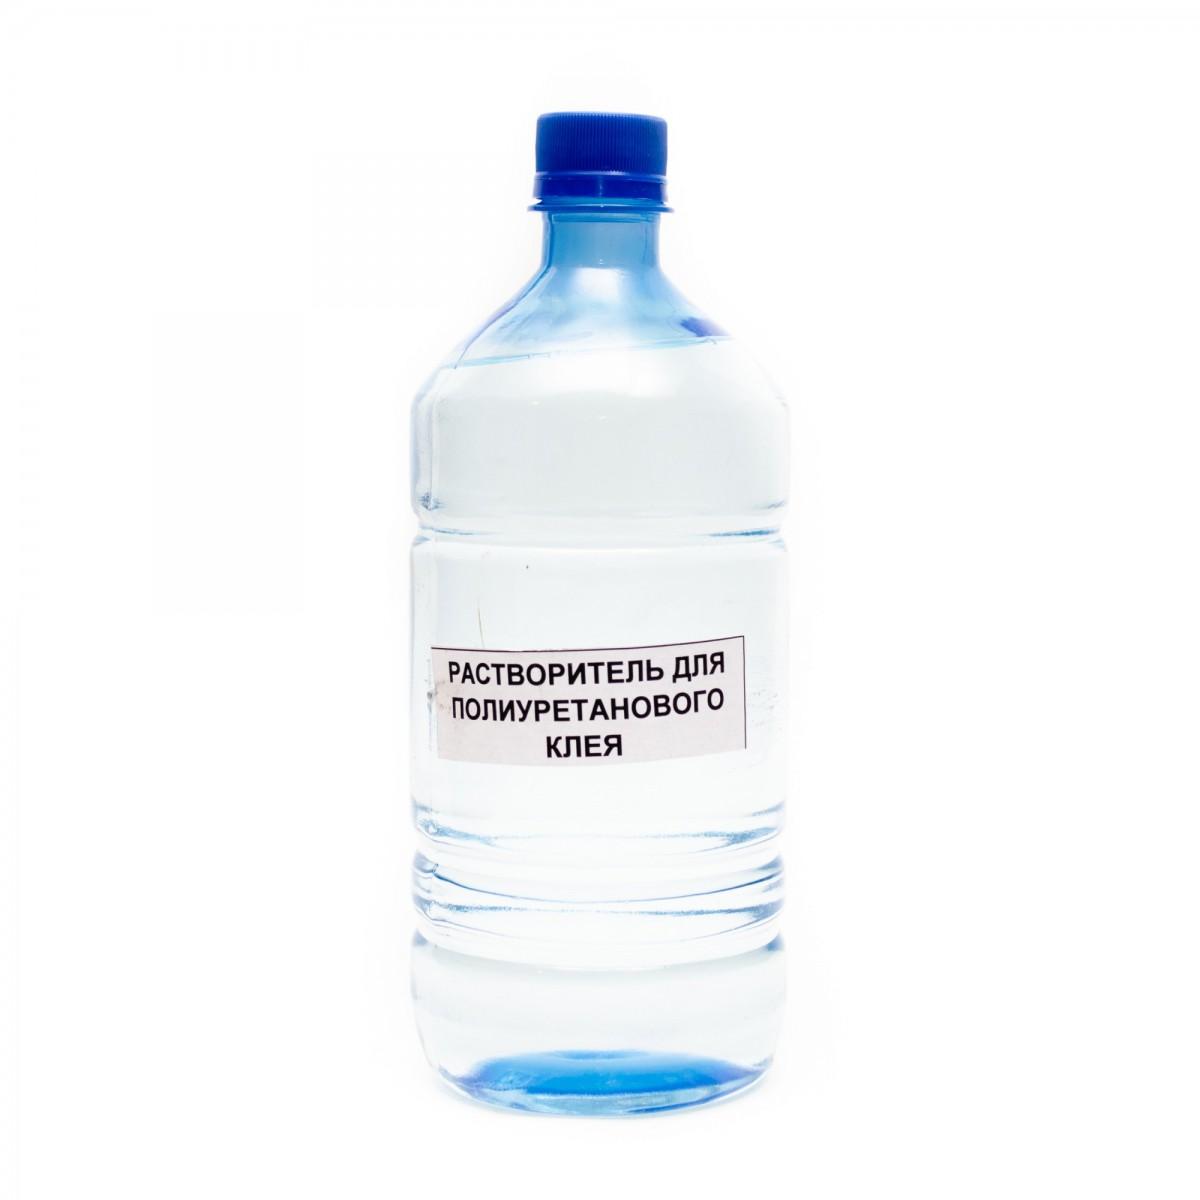 Растворитель ПЛАСТ 1 литр